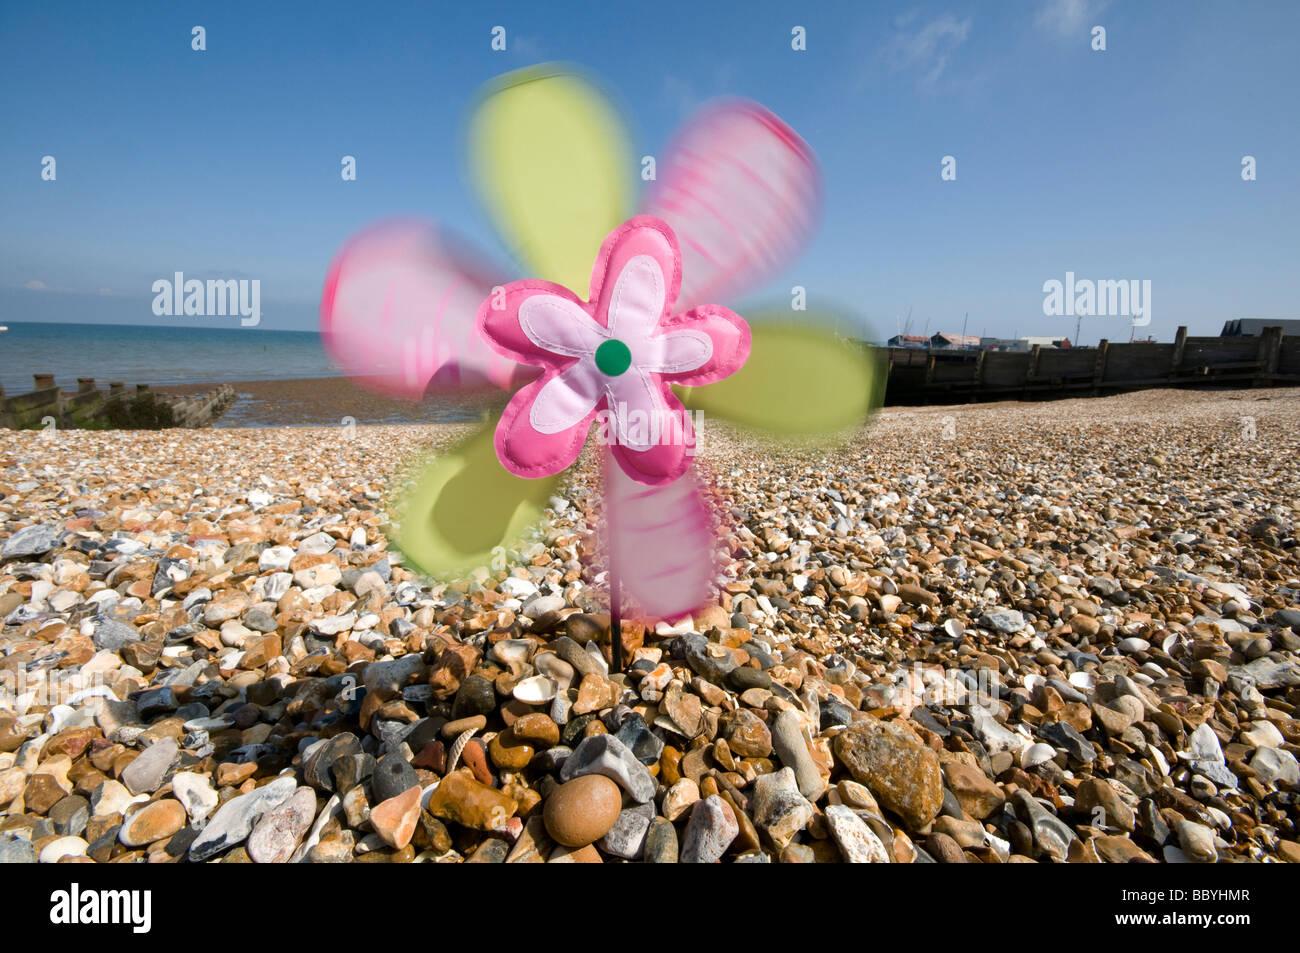 Moulin en pierre beach angleterre uk Photo Stock